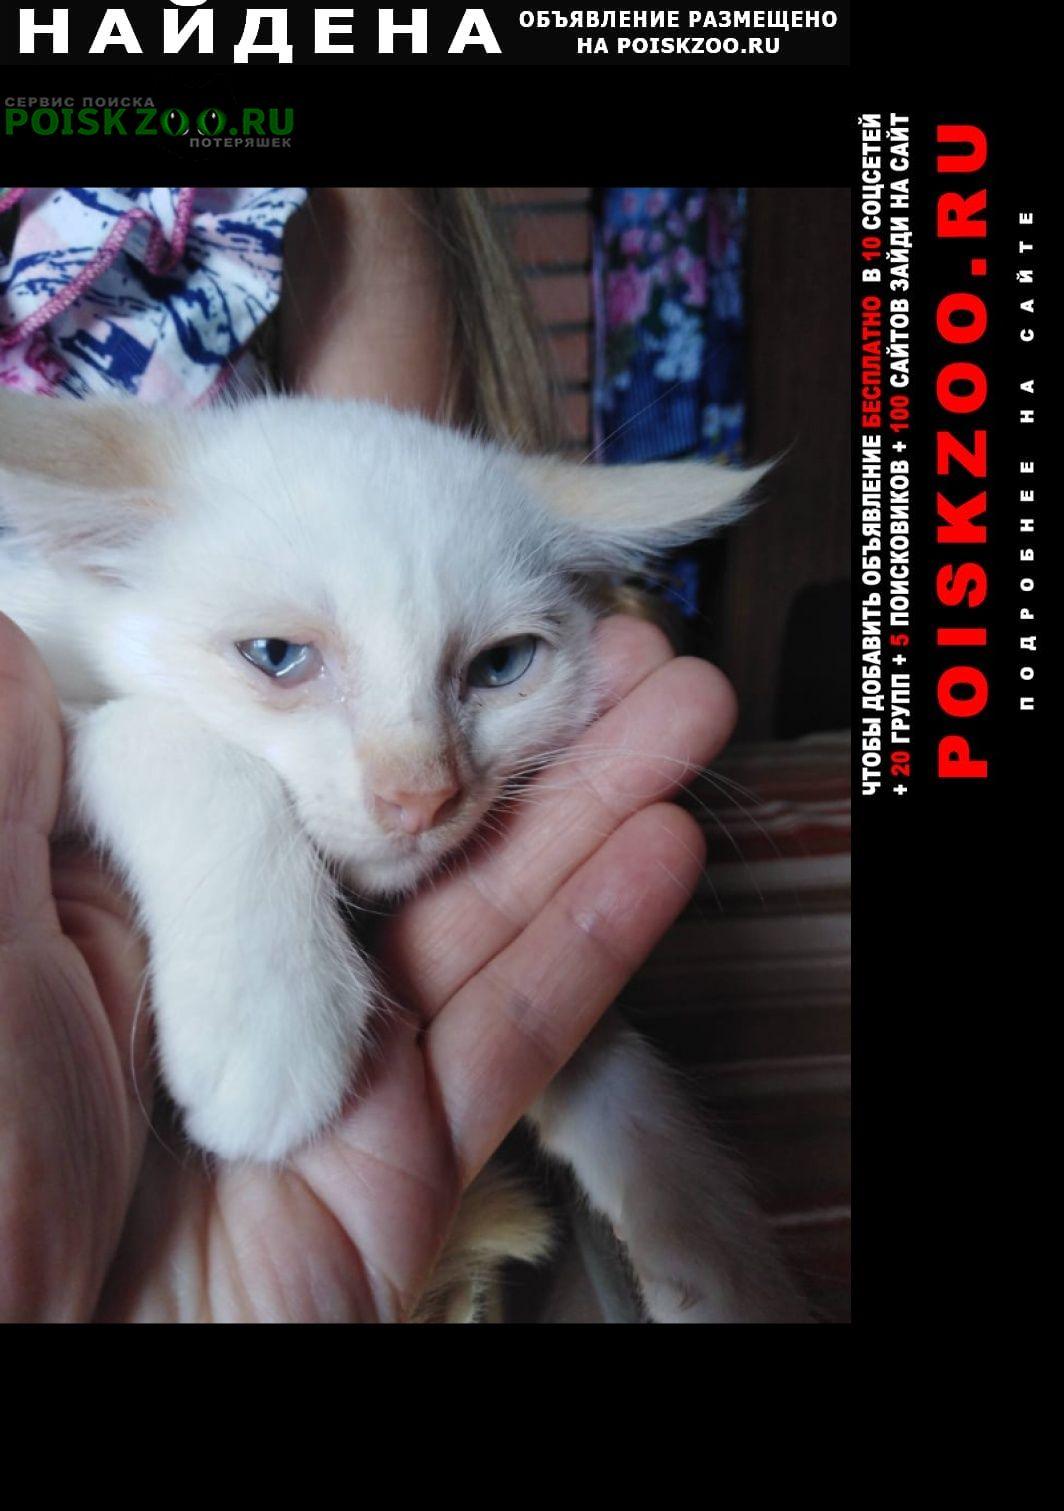 Найдена кошка котёнок, возраст около 2-3 мес Можайск